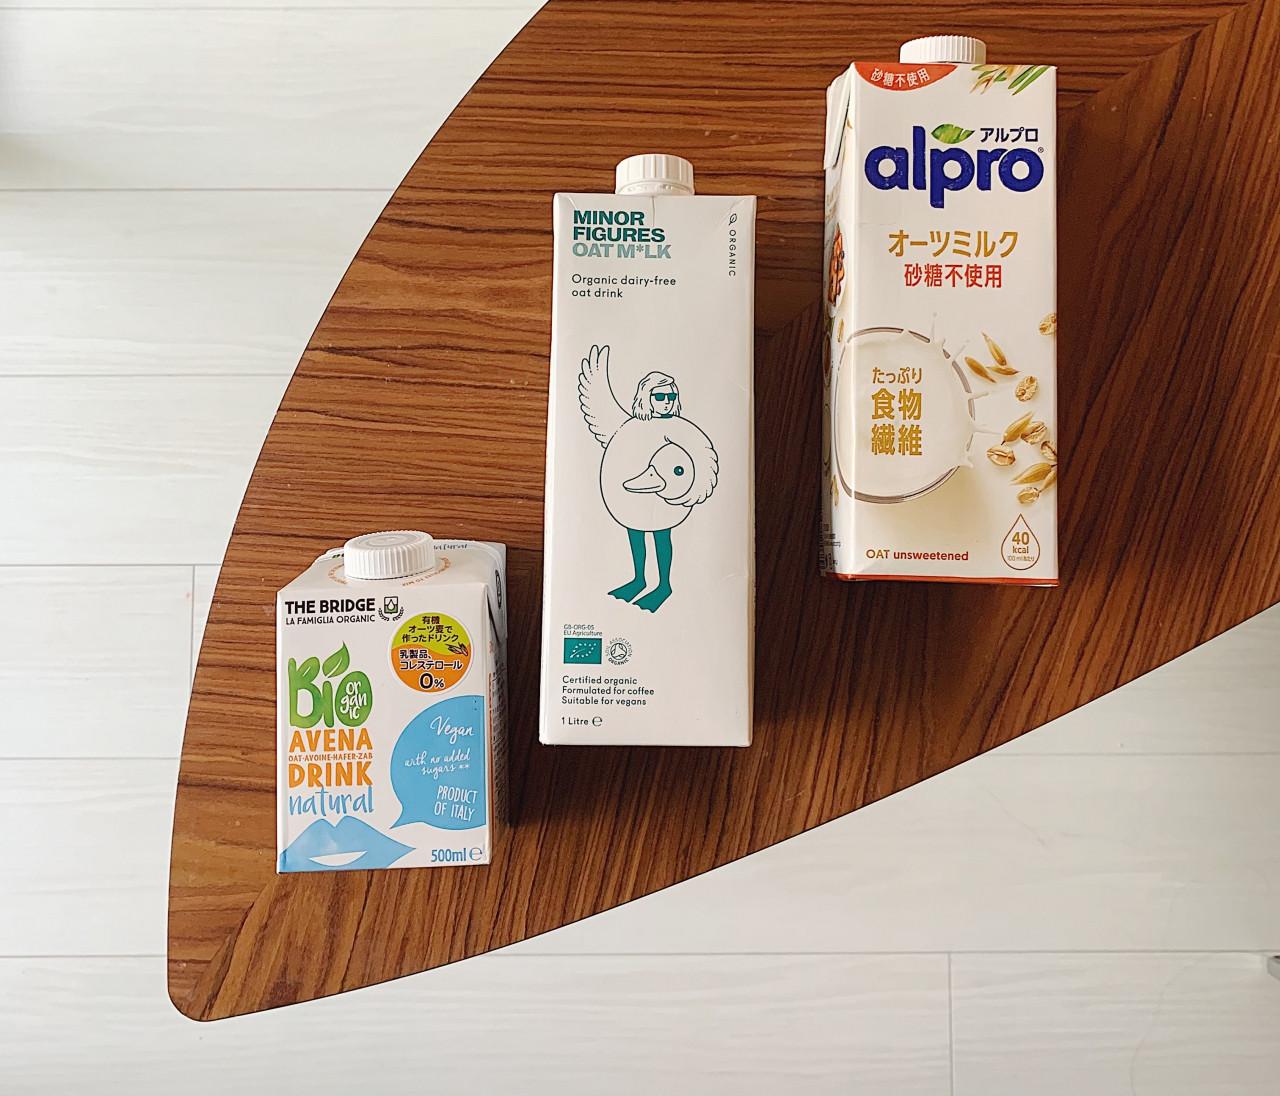 話題の【オーツミルク】4種比較!結局どれが美味しいの?